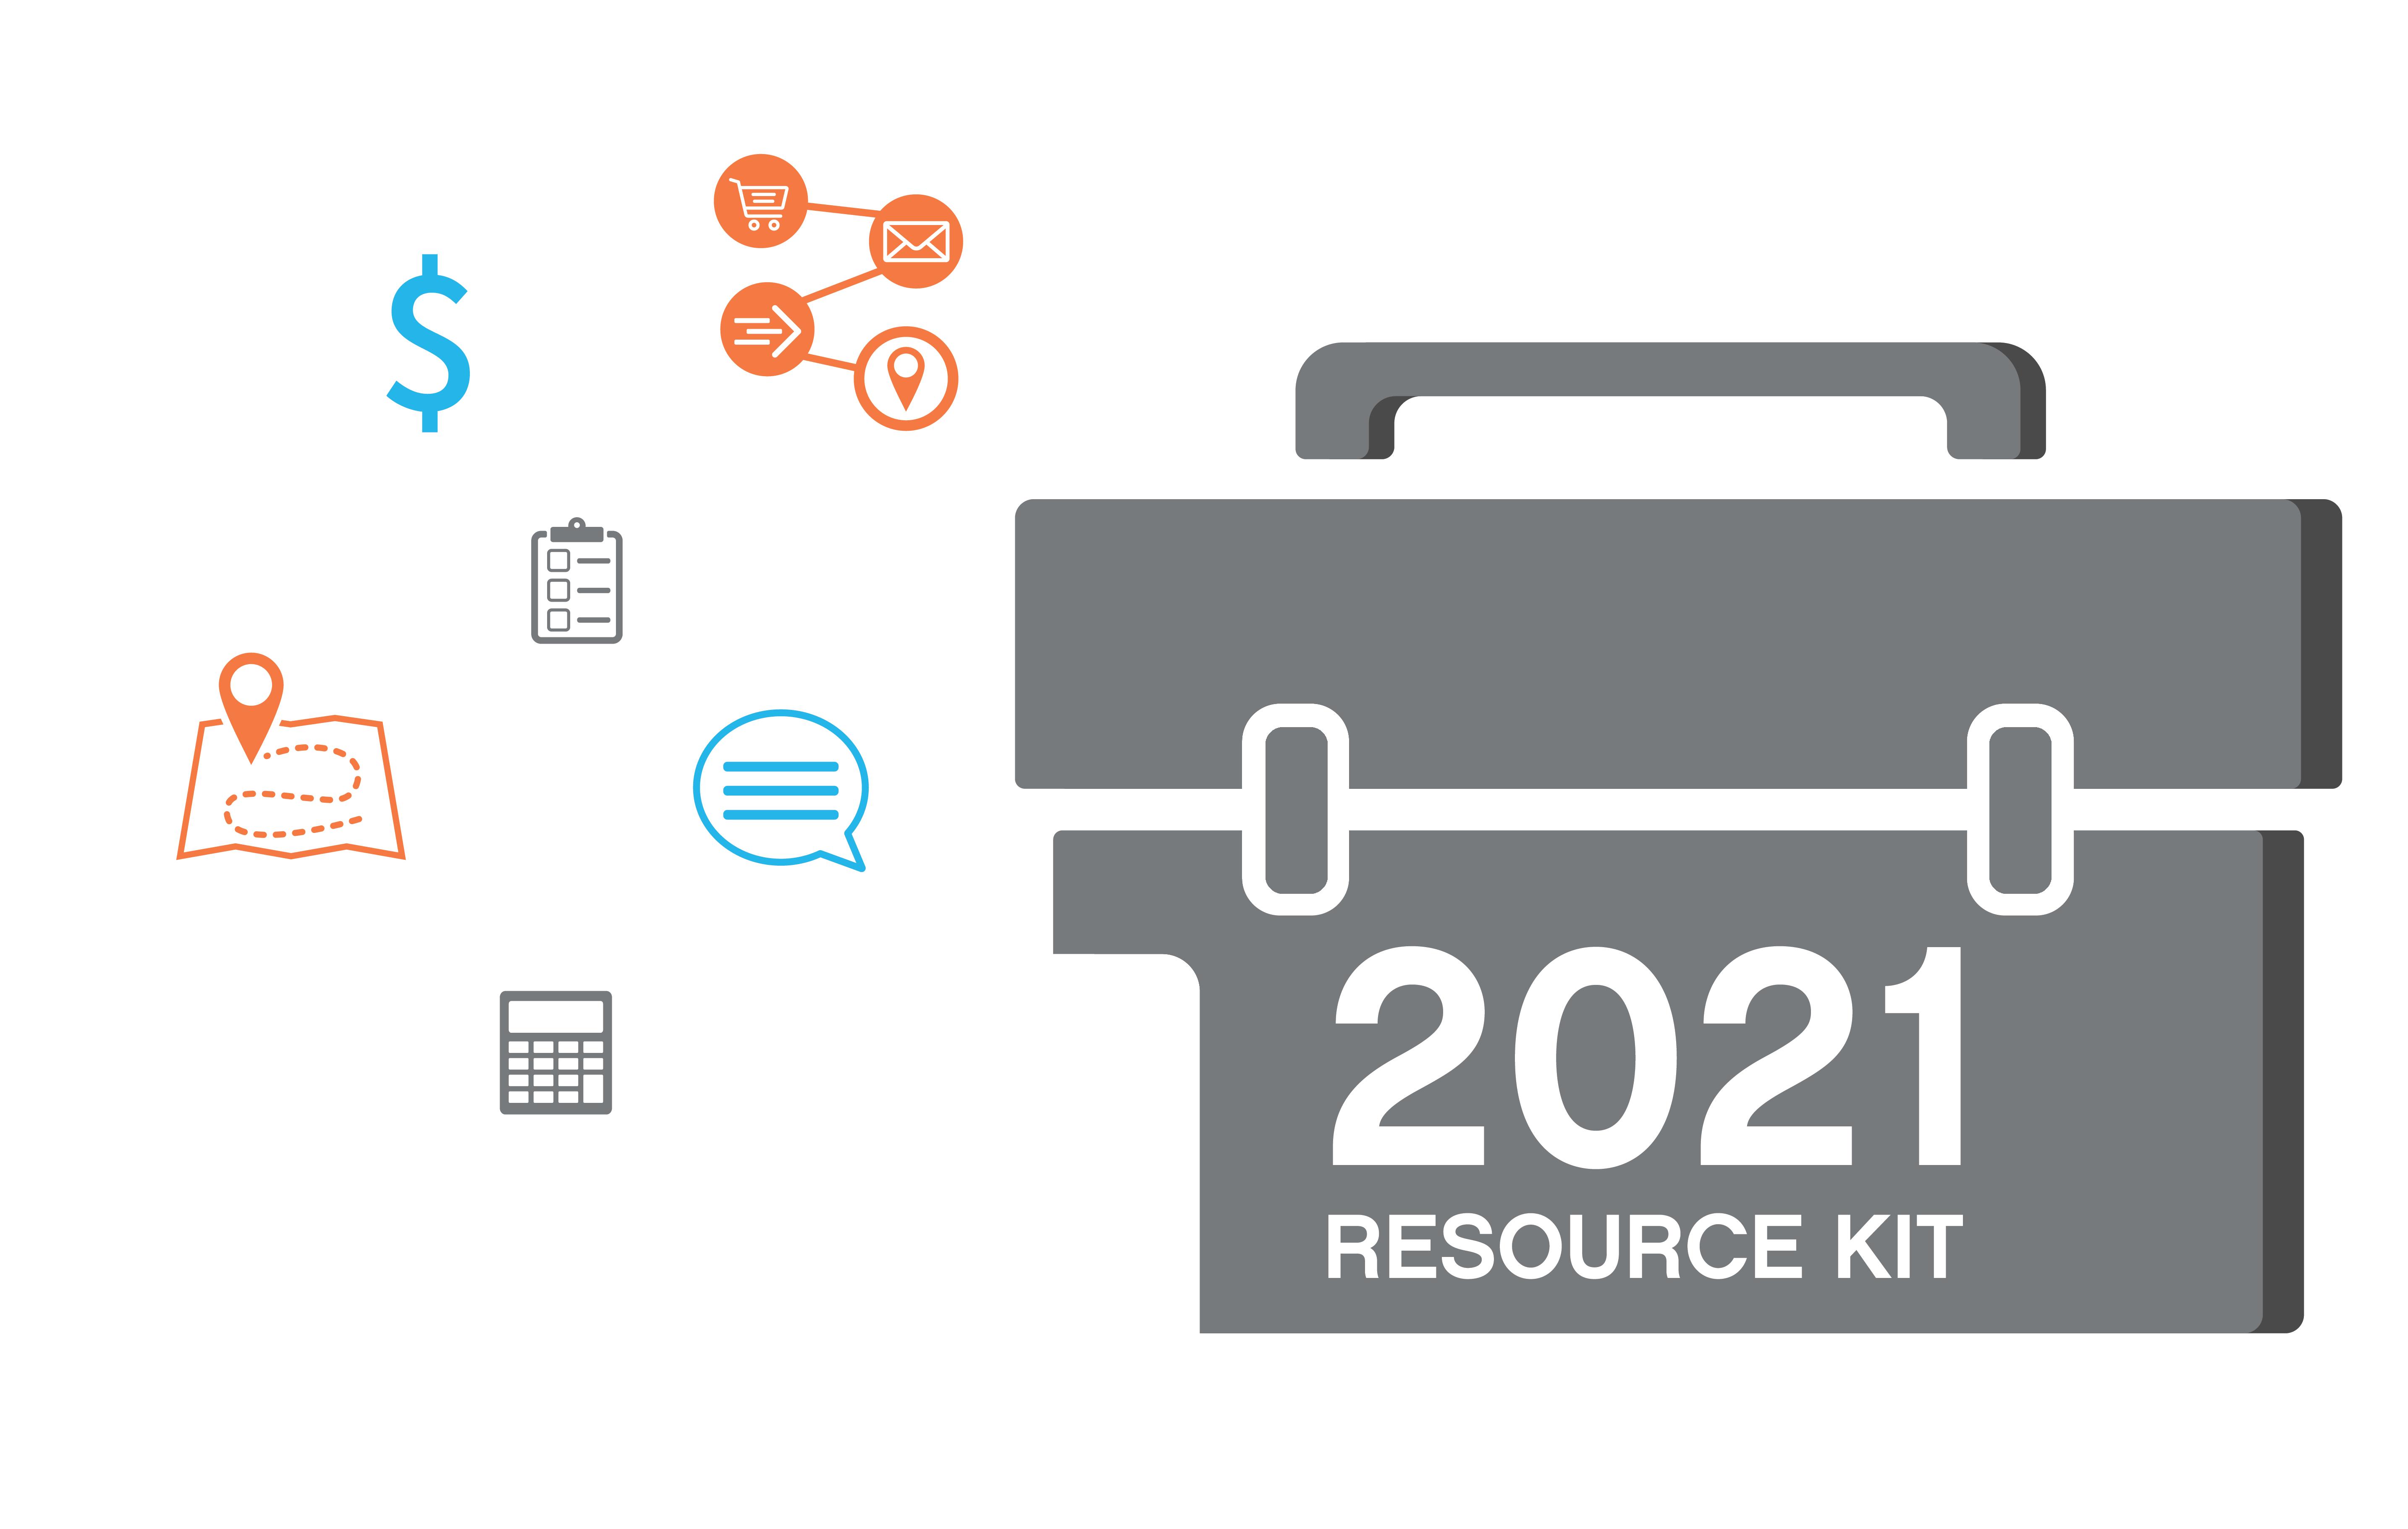 2021 Resource Kit